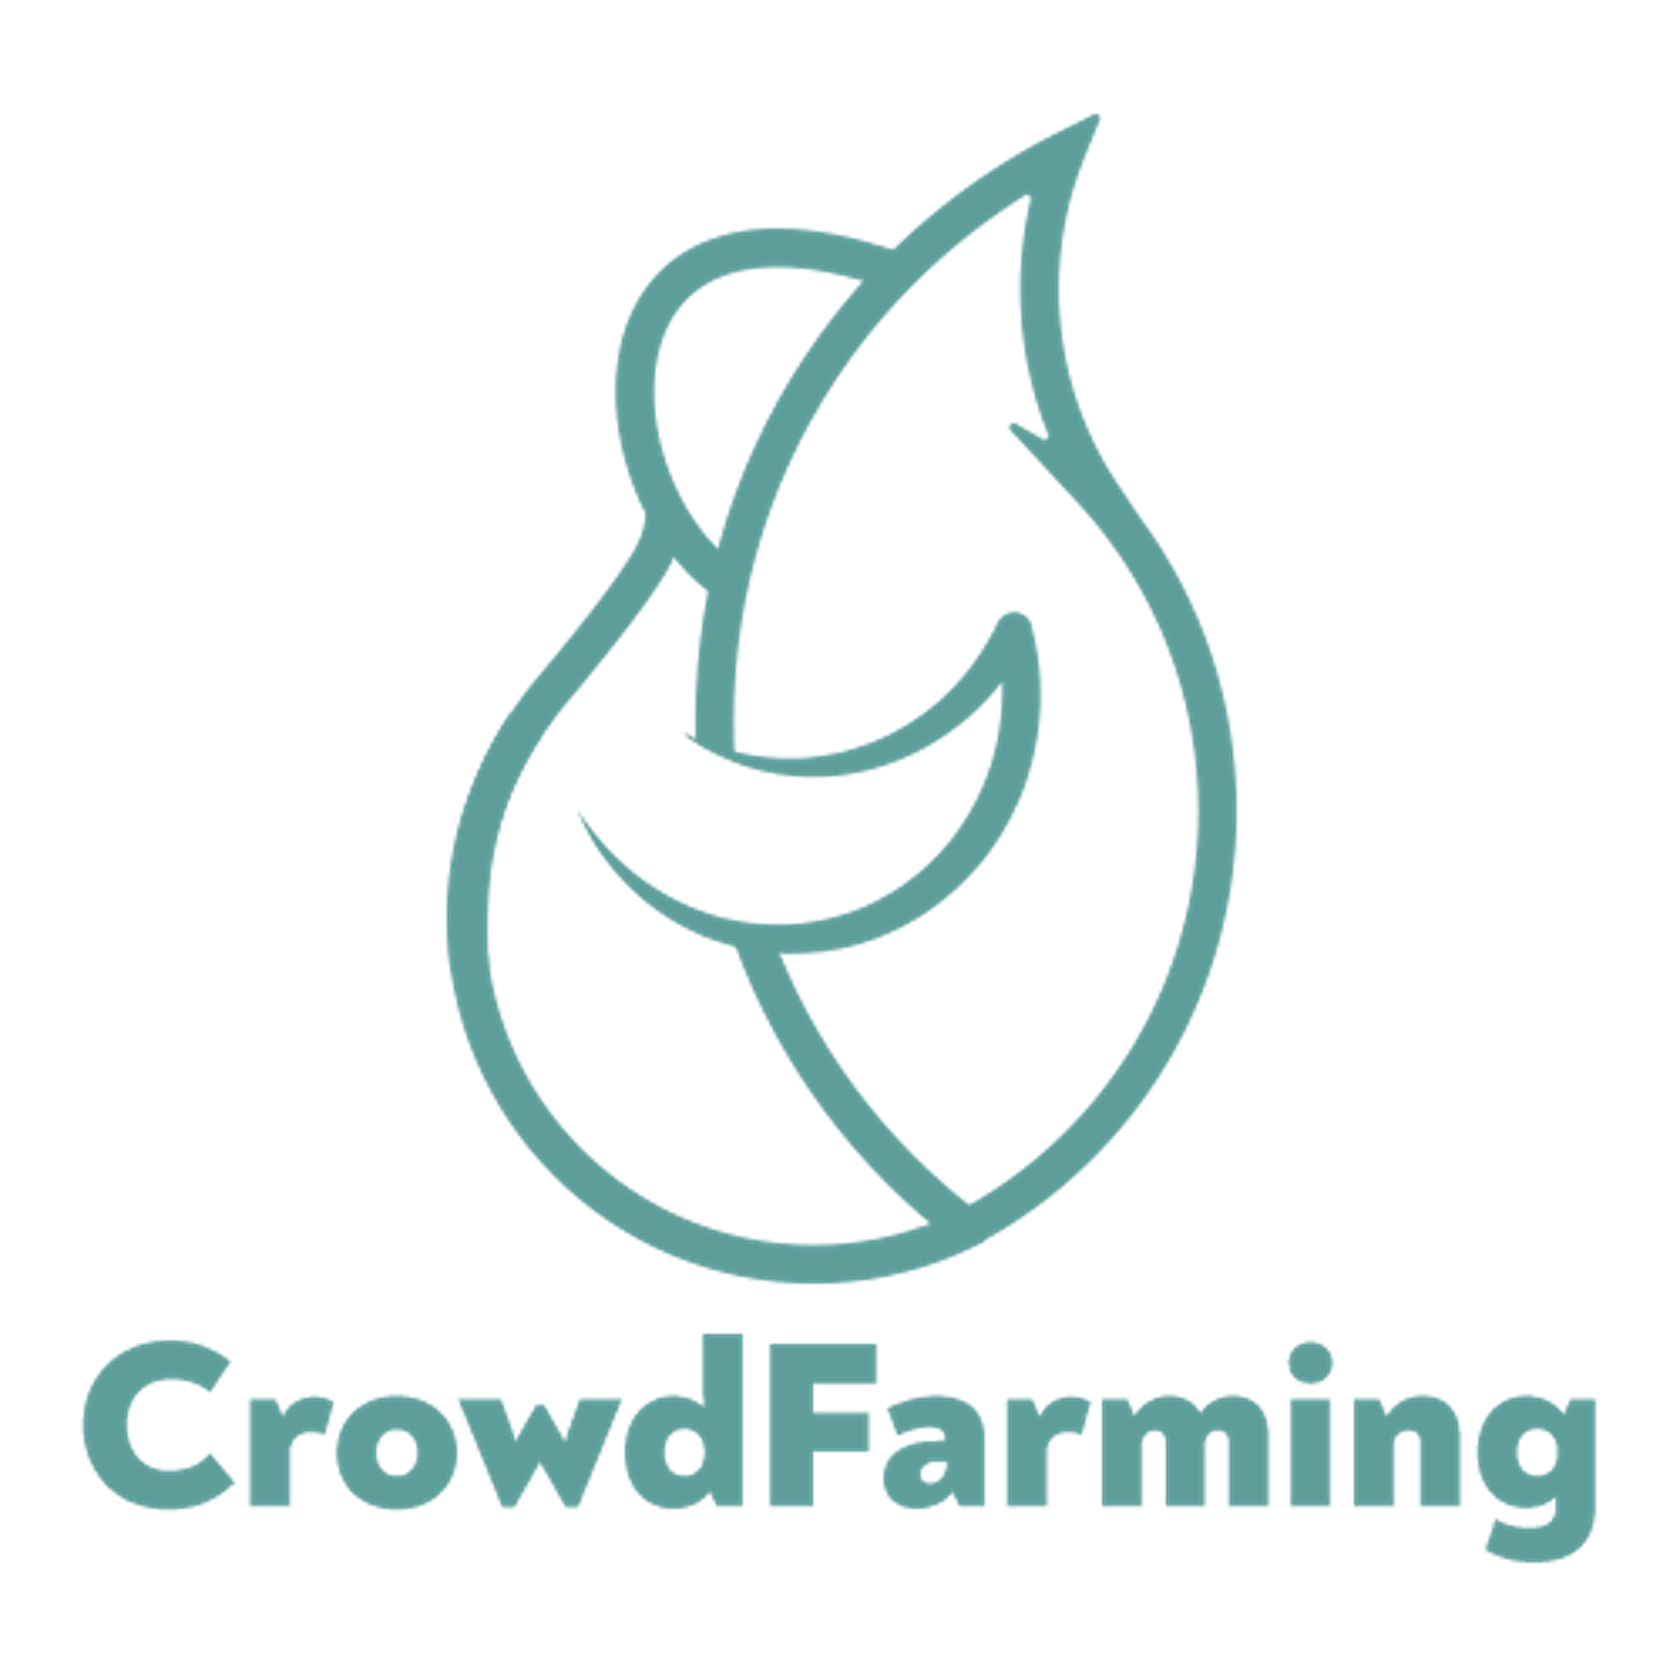 CrowdFarming